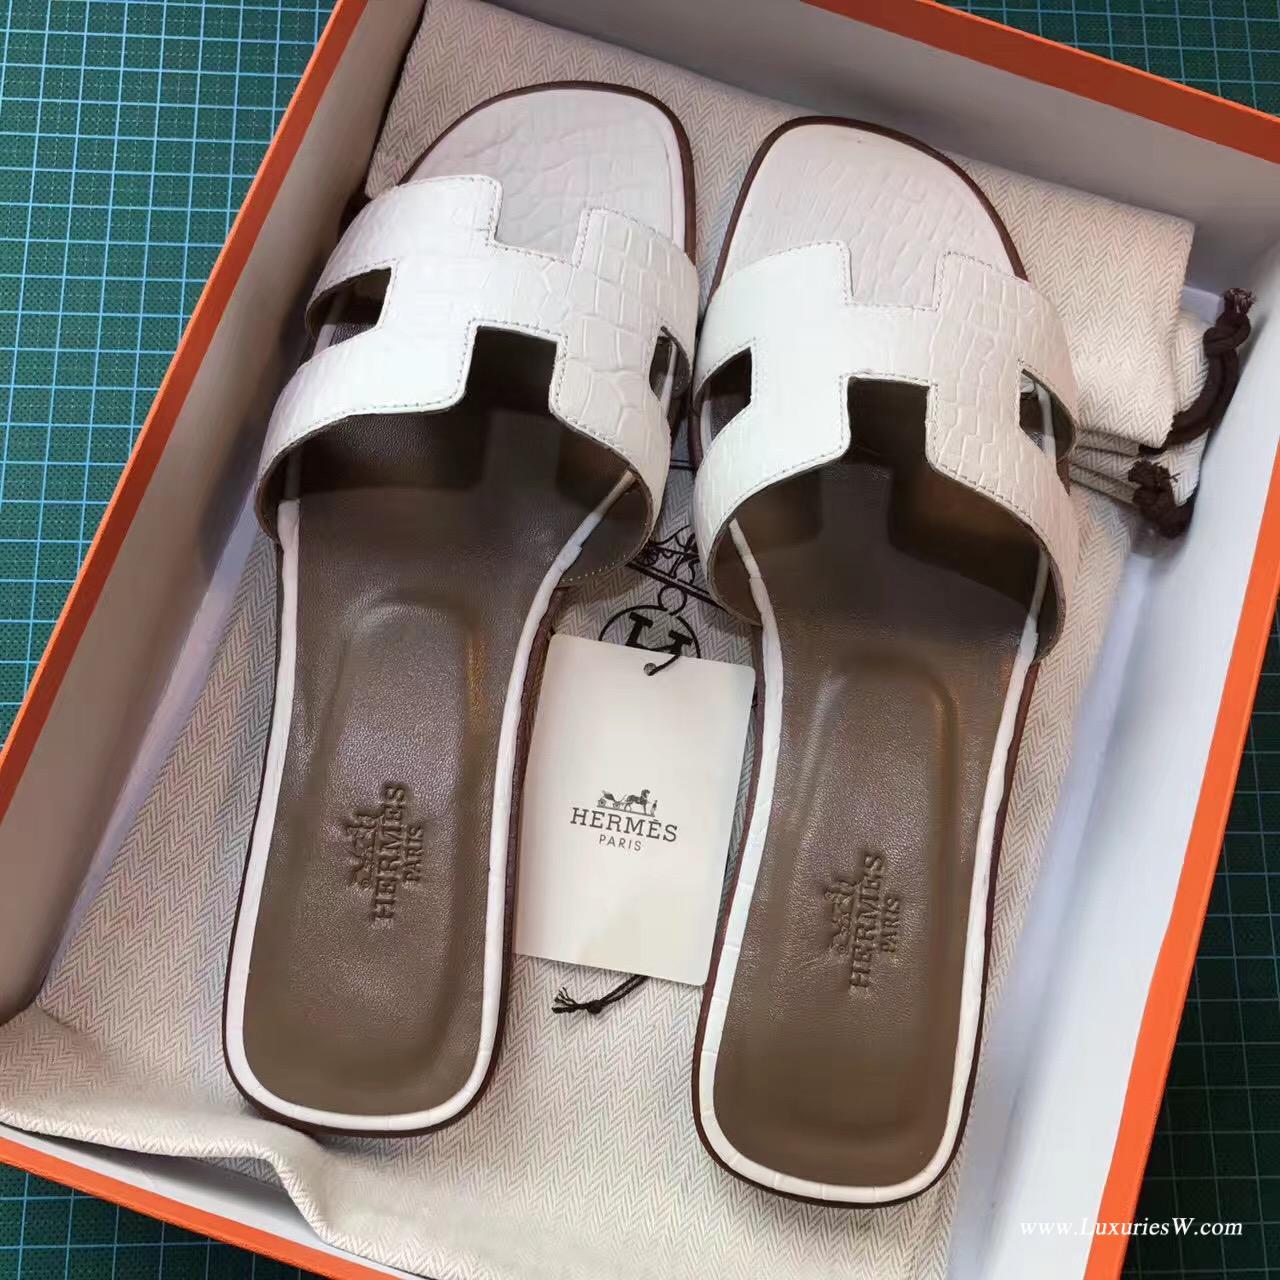 愛馬仕Hermes 女士涼鞋 H型拖鞋 鱷魚霧面White純白色 平底涼拖鞋